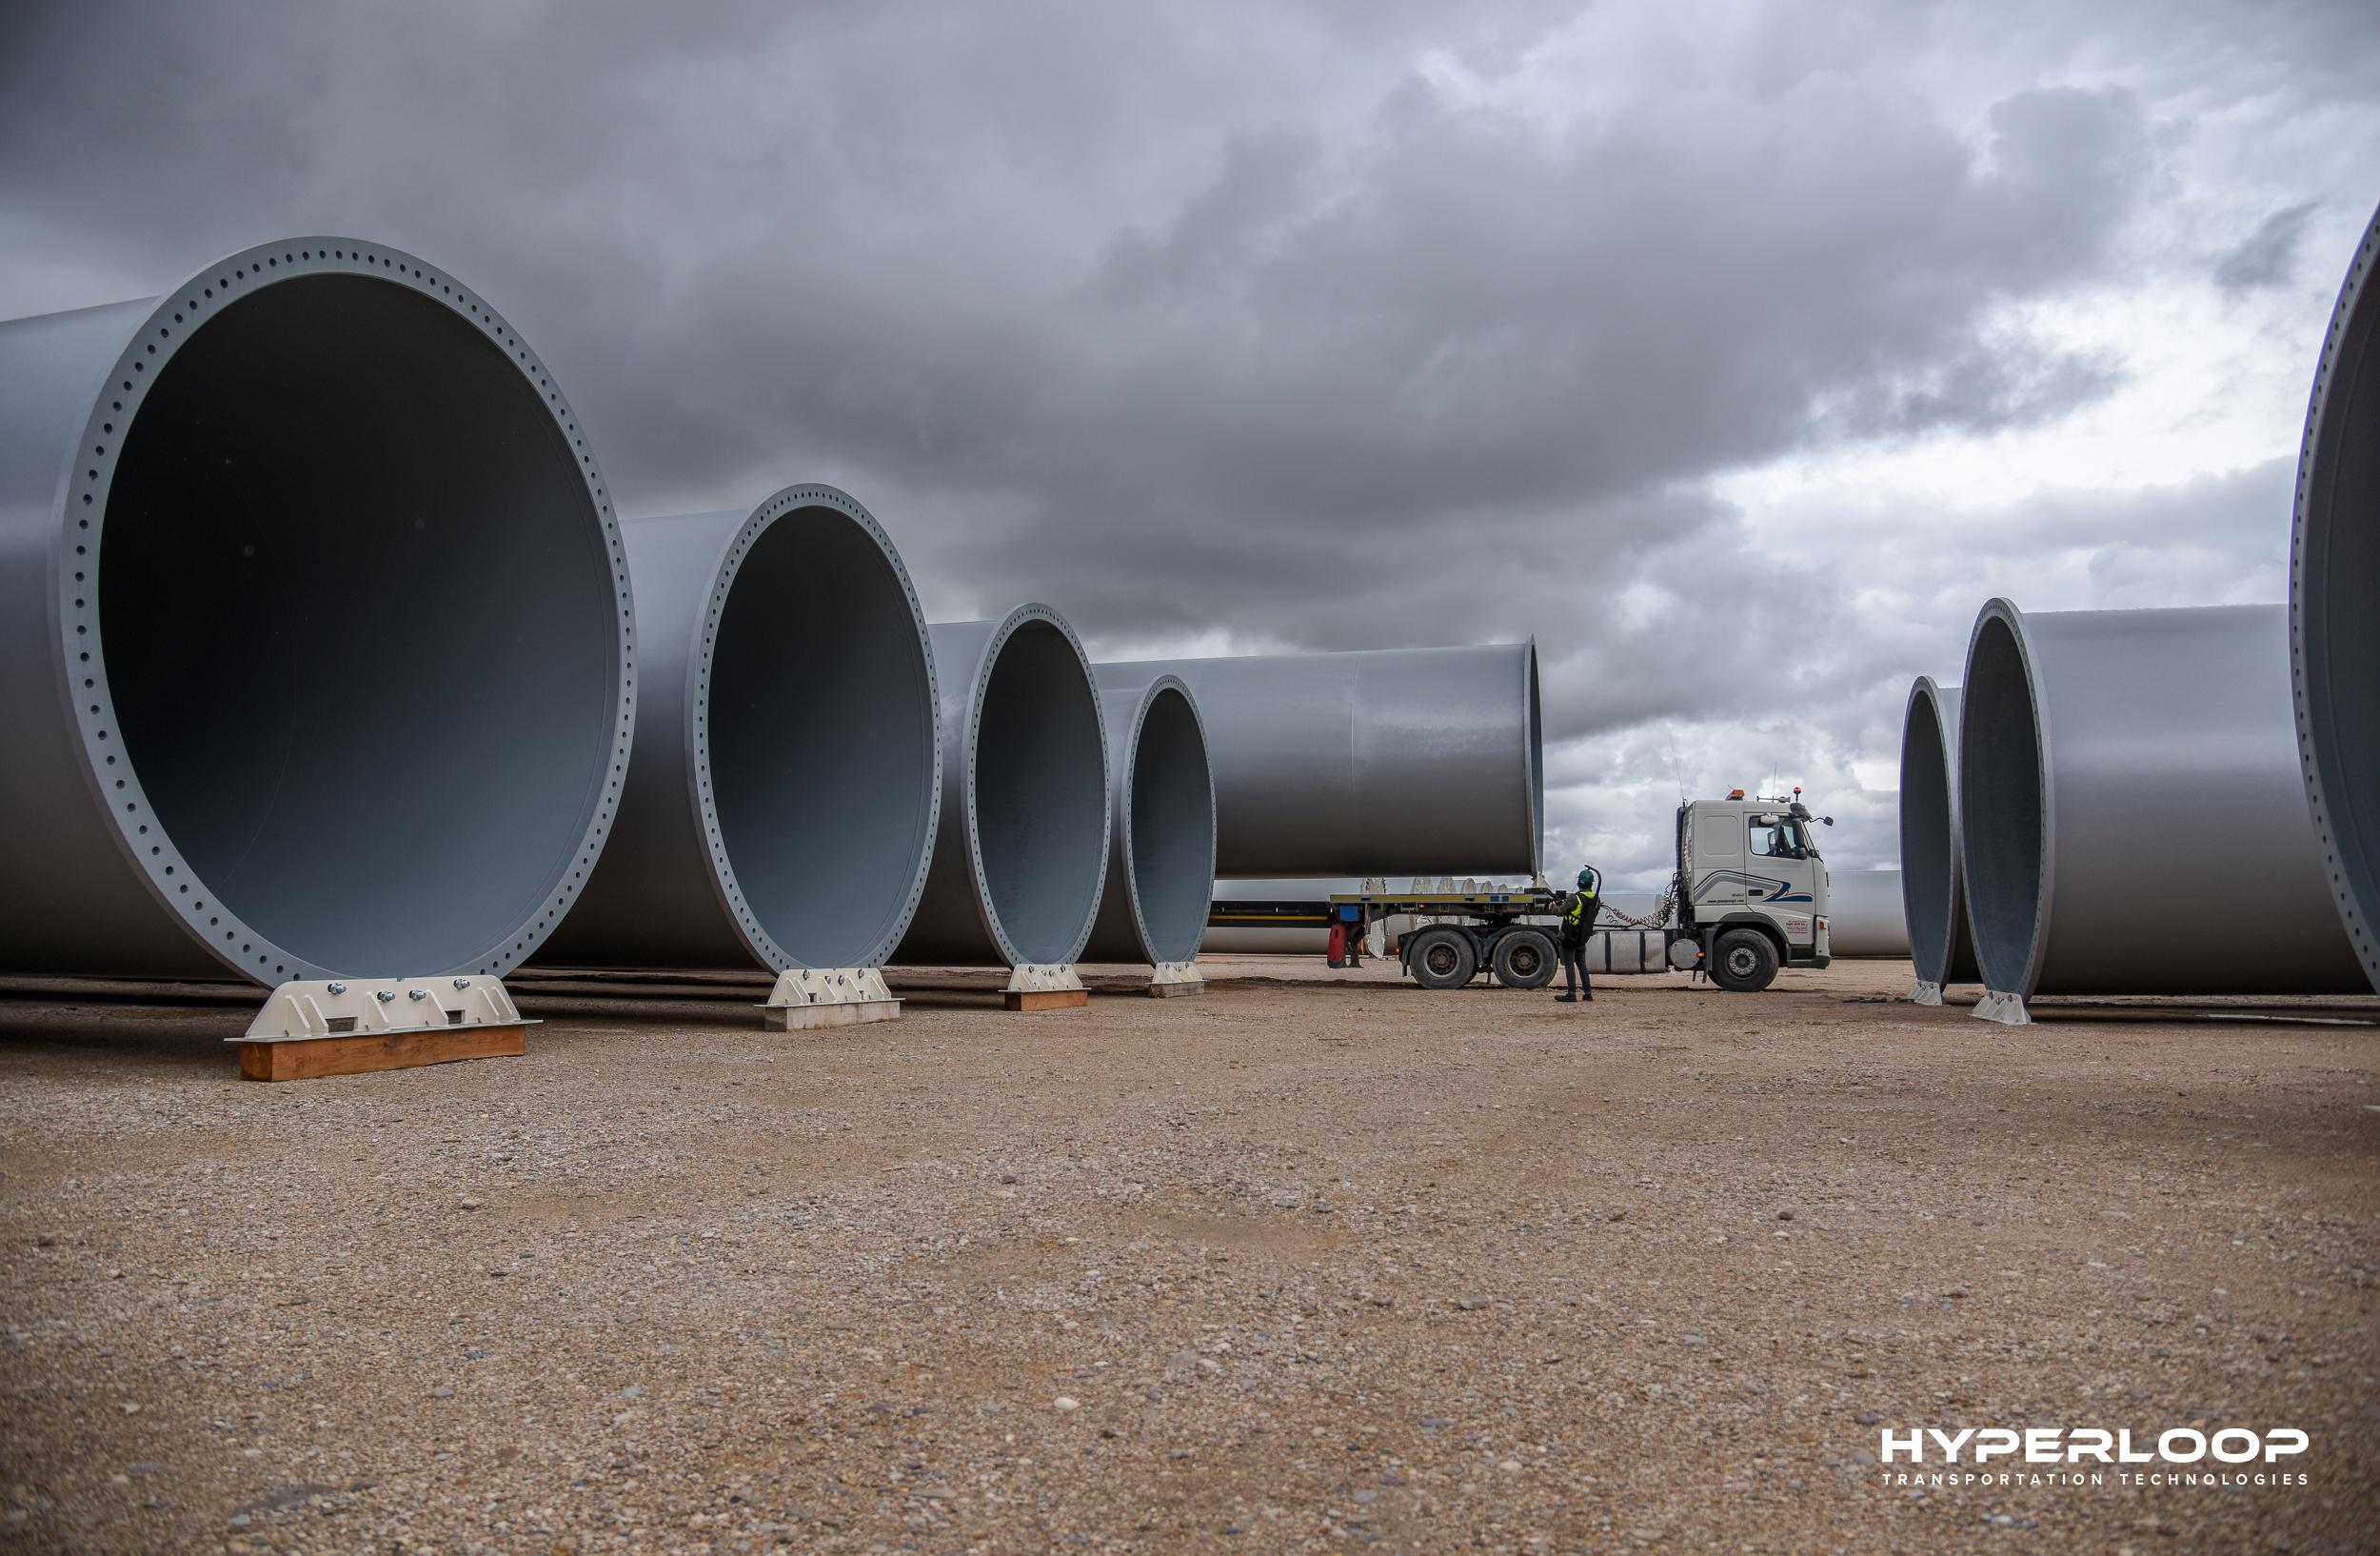 Первую «Гиперпетлю» в Европе запустят во Франции Первую «Гиперпетлю» в Европе запустят во Франции hyperlooptt tube 4 1